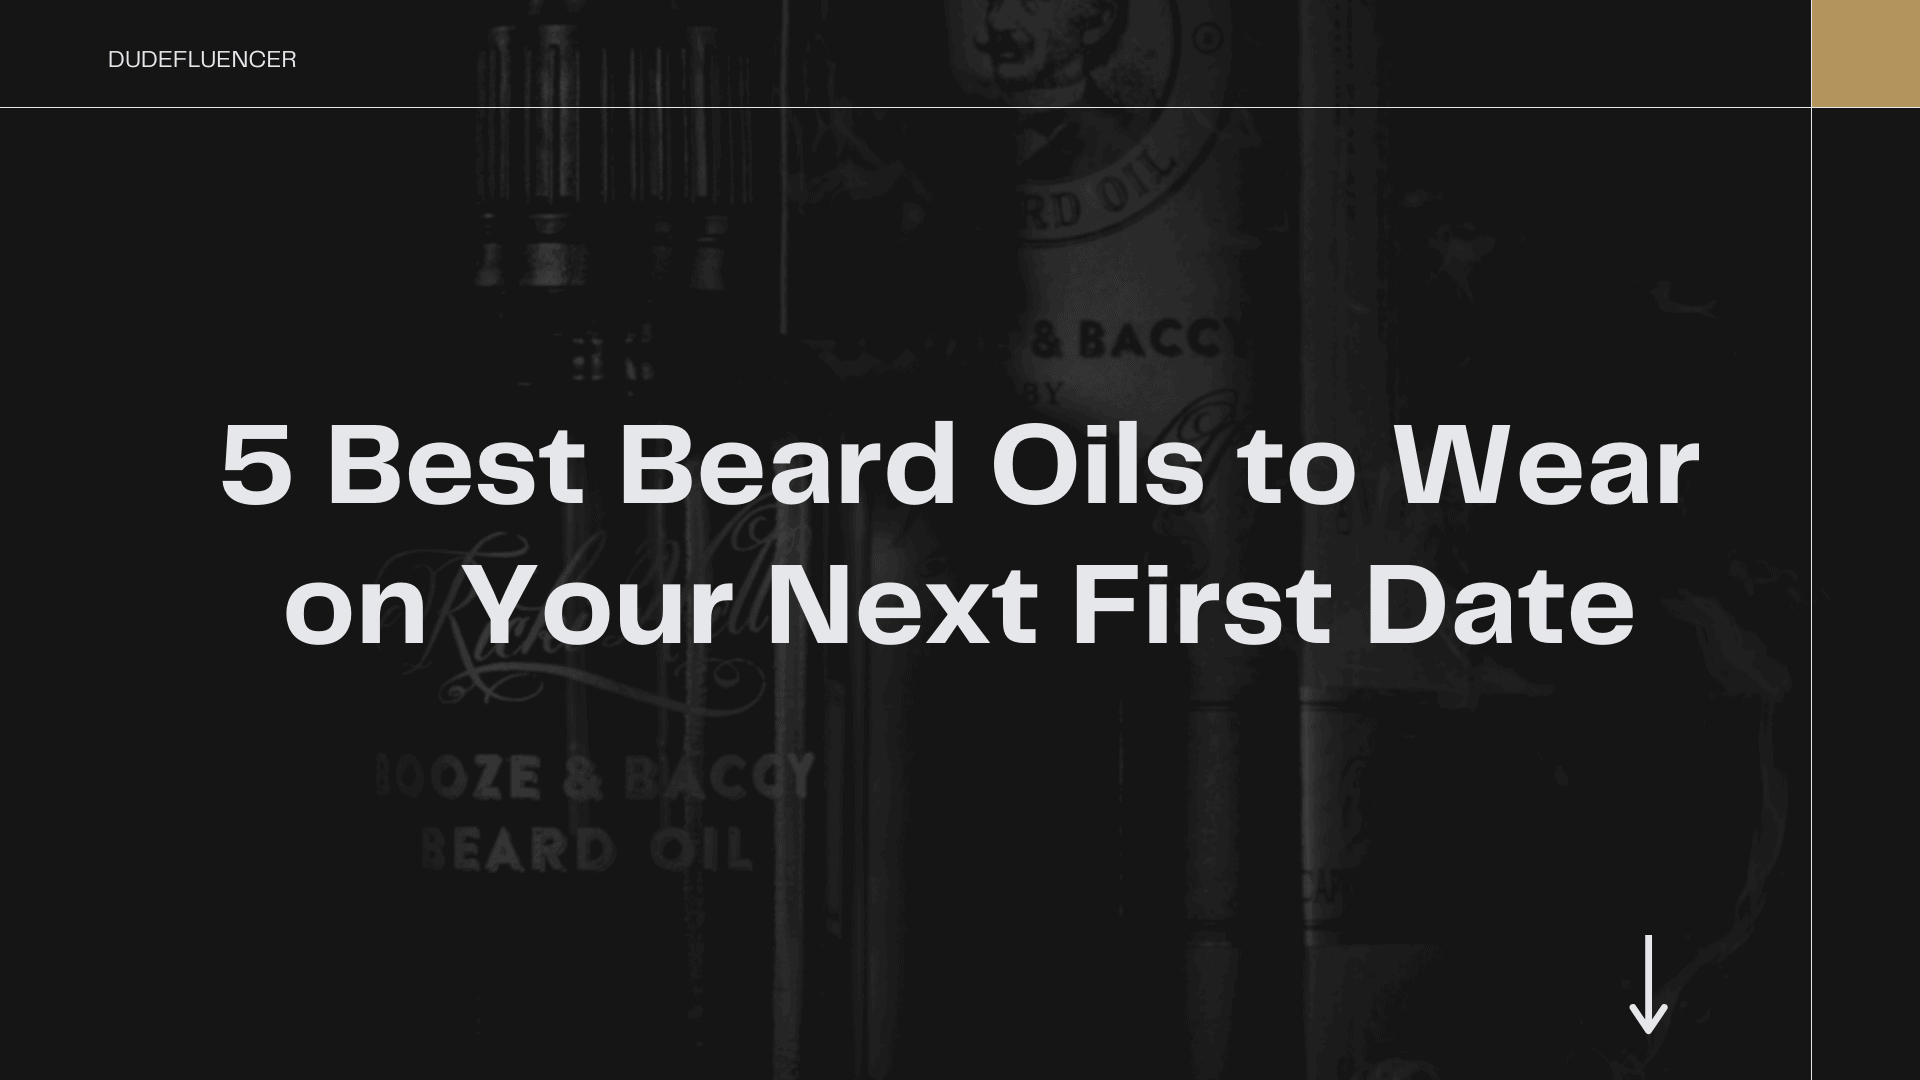 Dudefluencer: Best Beard Oils